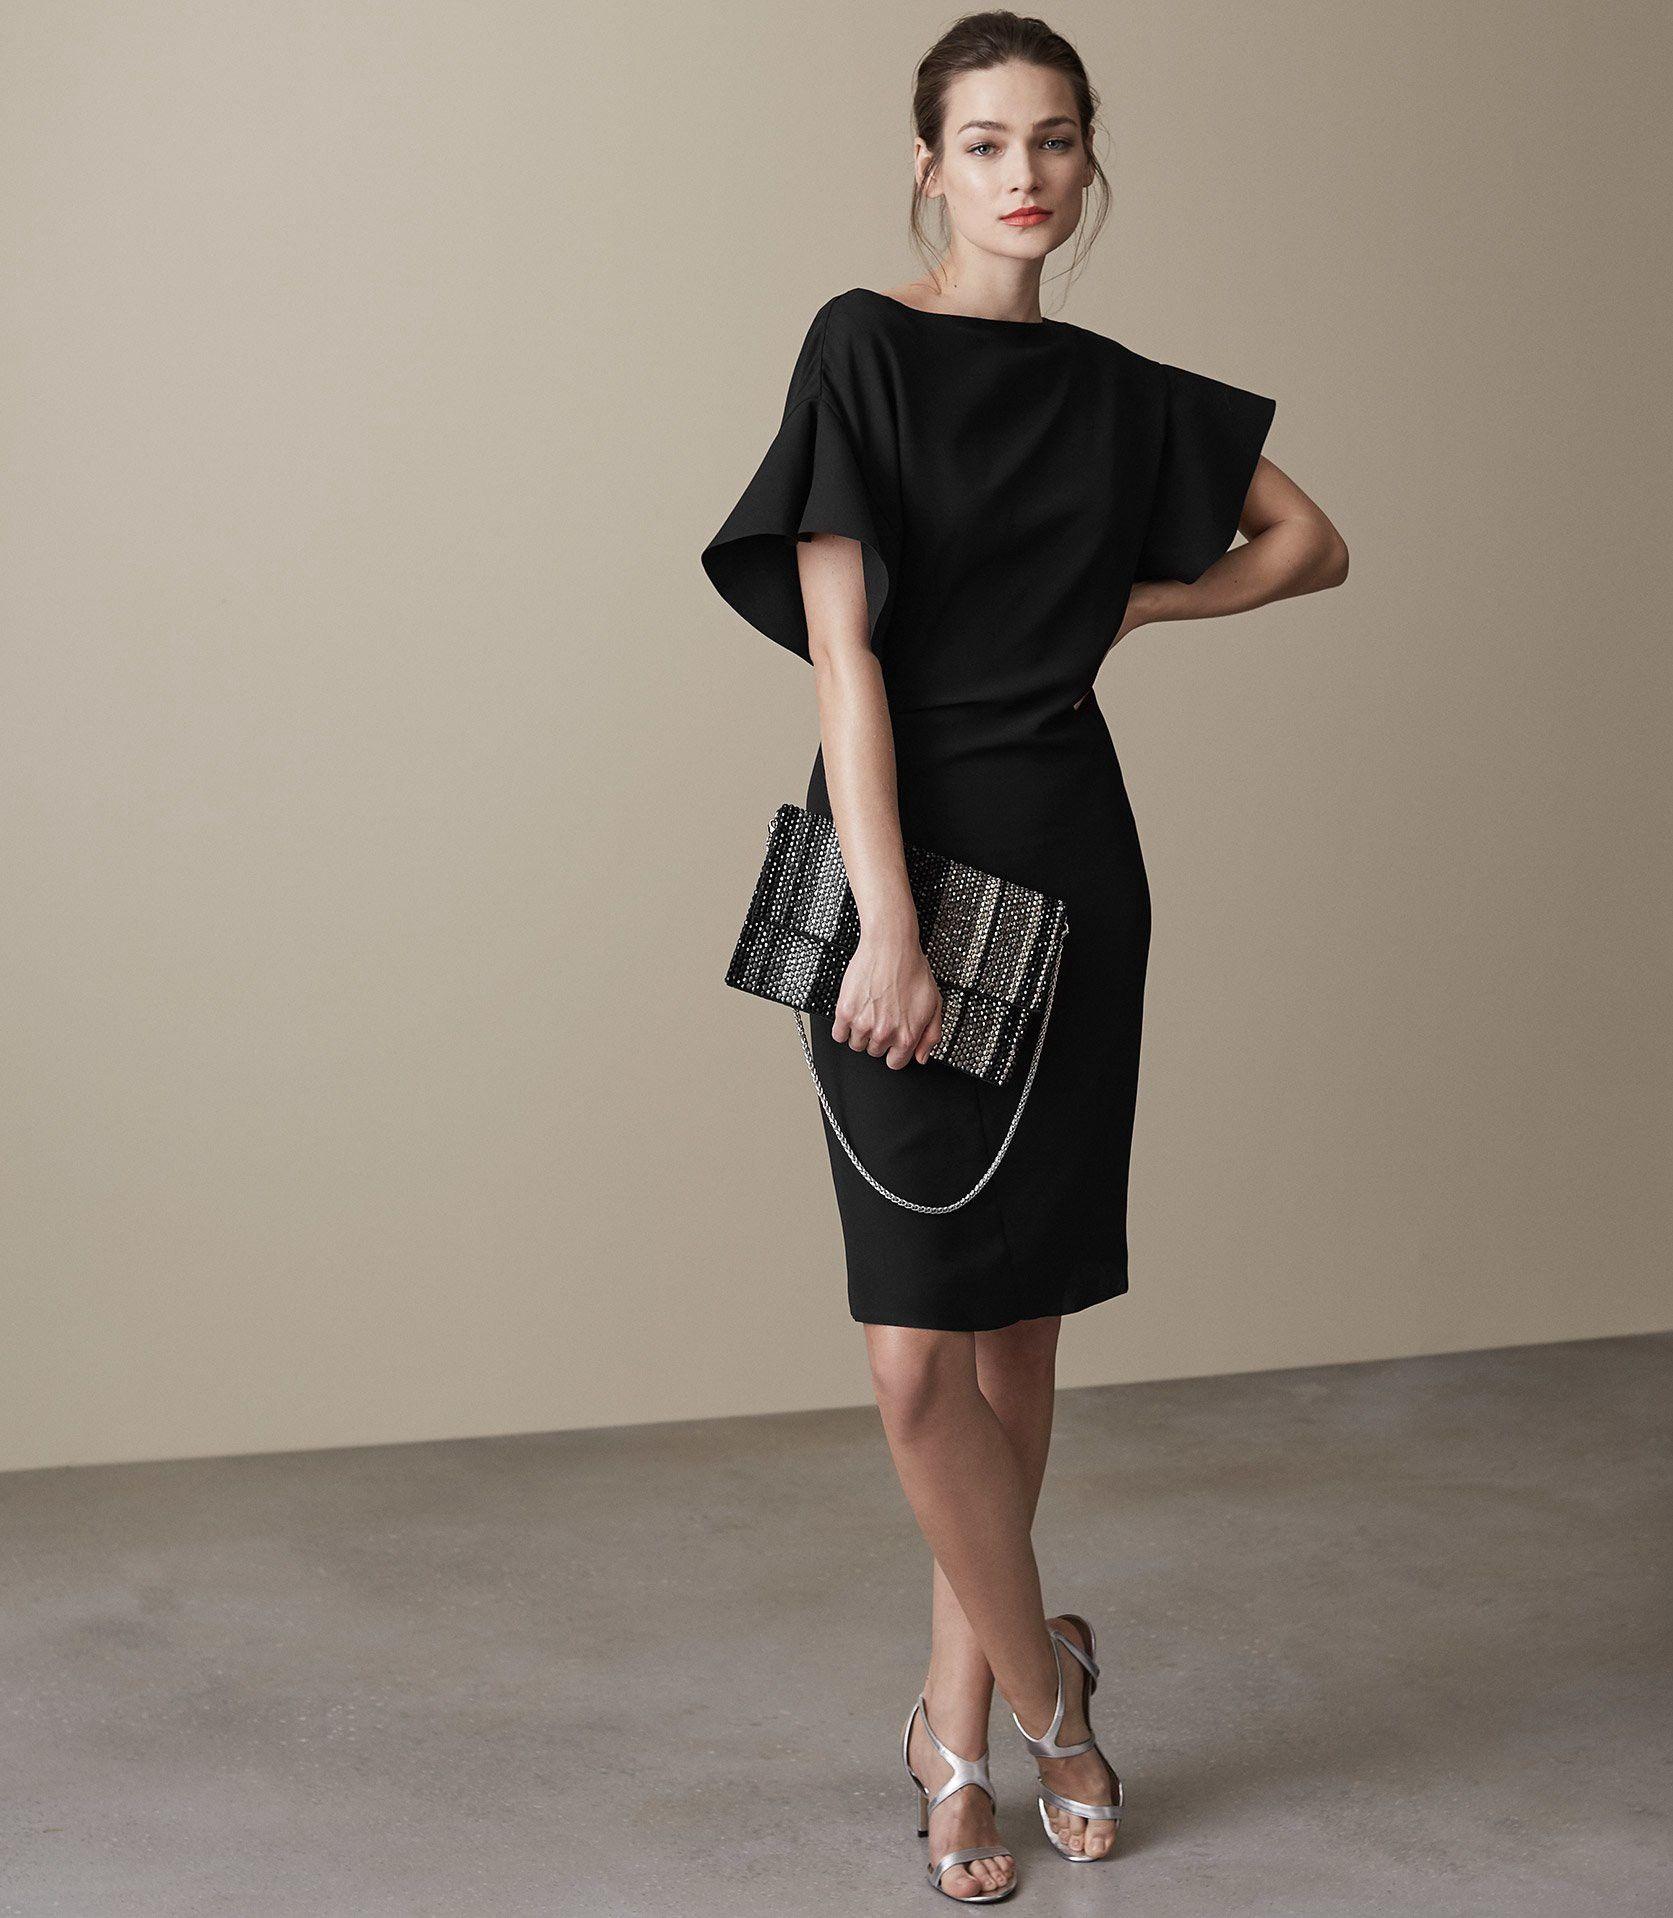 f012d9242b Reiss Manila Ruffle-Sleeve Dress Black - 10